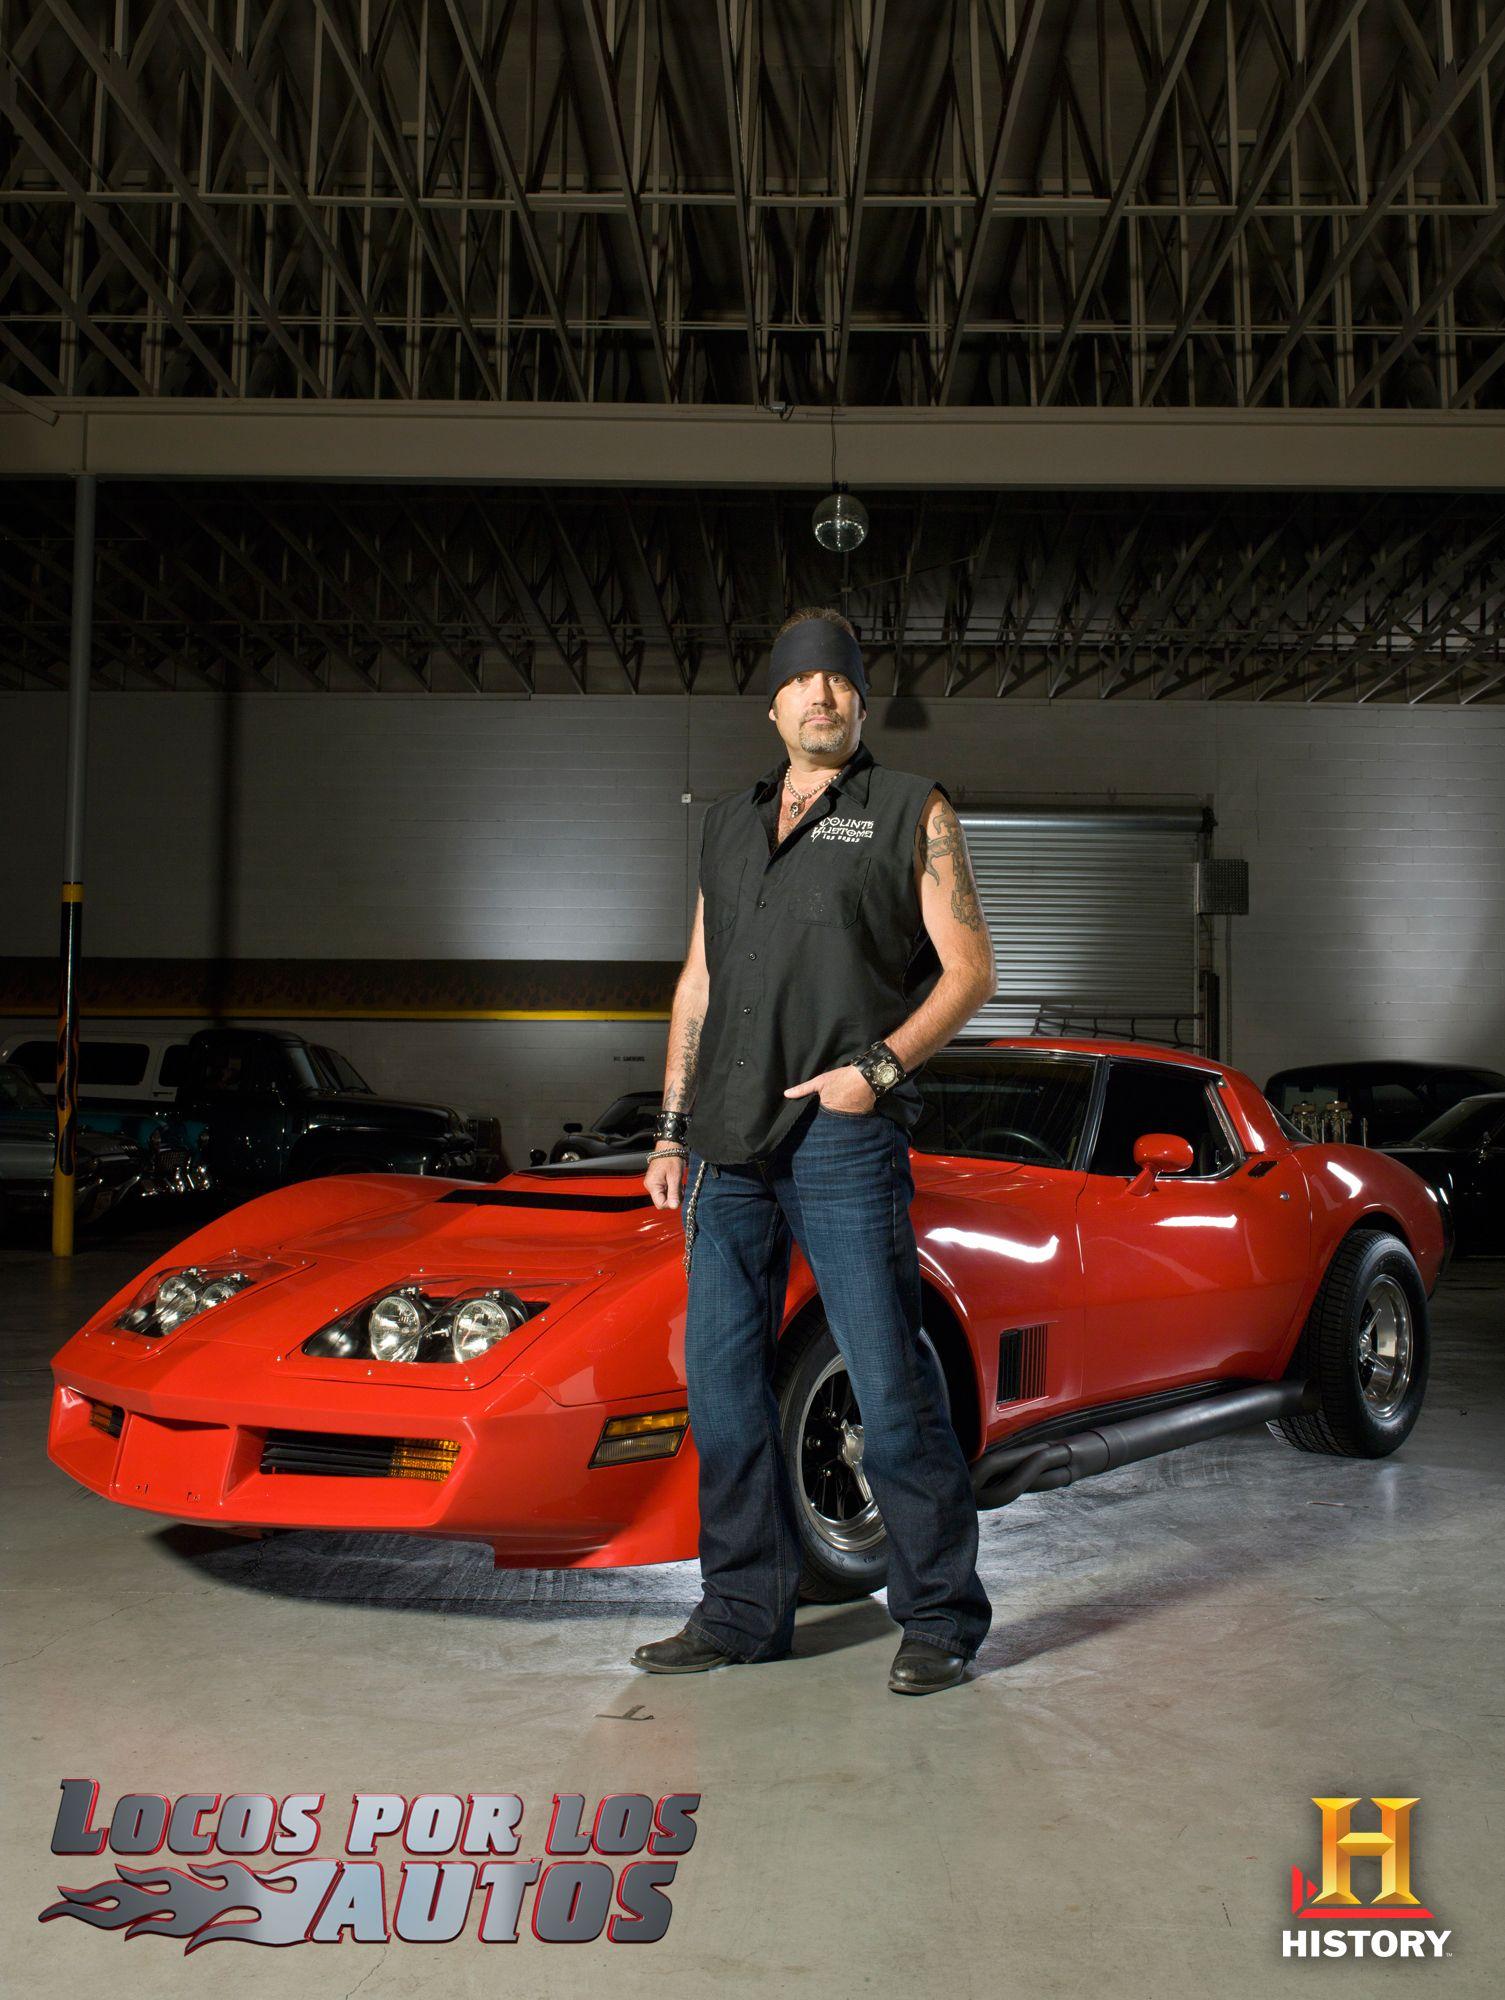 Danny El Conde Koker Y Un Chevrolet Corvette 75 Locos Por Los Autos Todos Jueves A Las 10pm Mex Col 10 30pm Ven 9pm Chi Arg